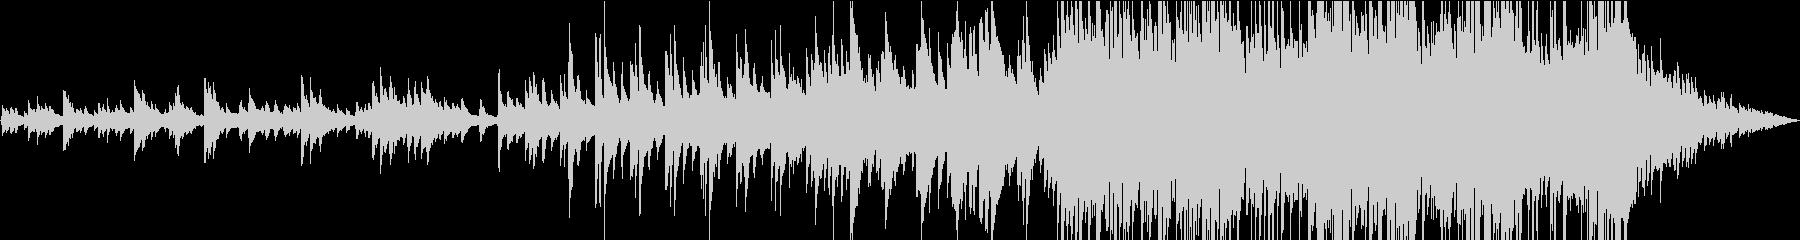 ピアノの前奏から盛り上がる曲。の未再生の波形